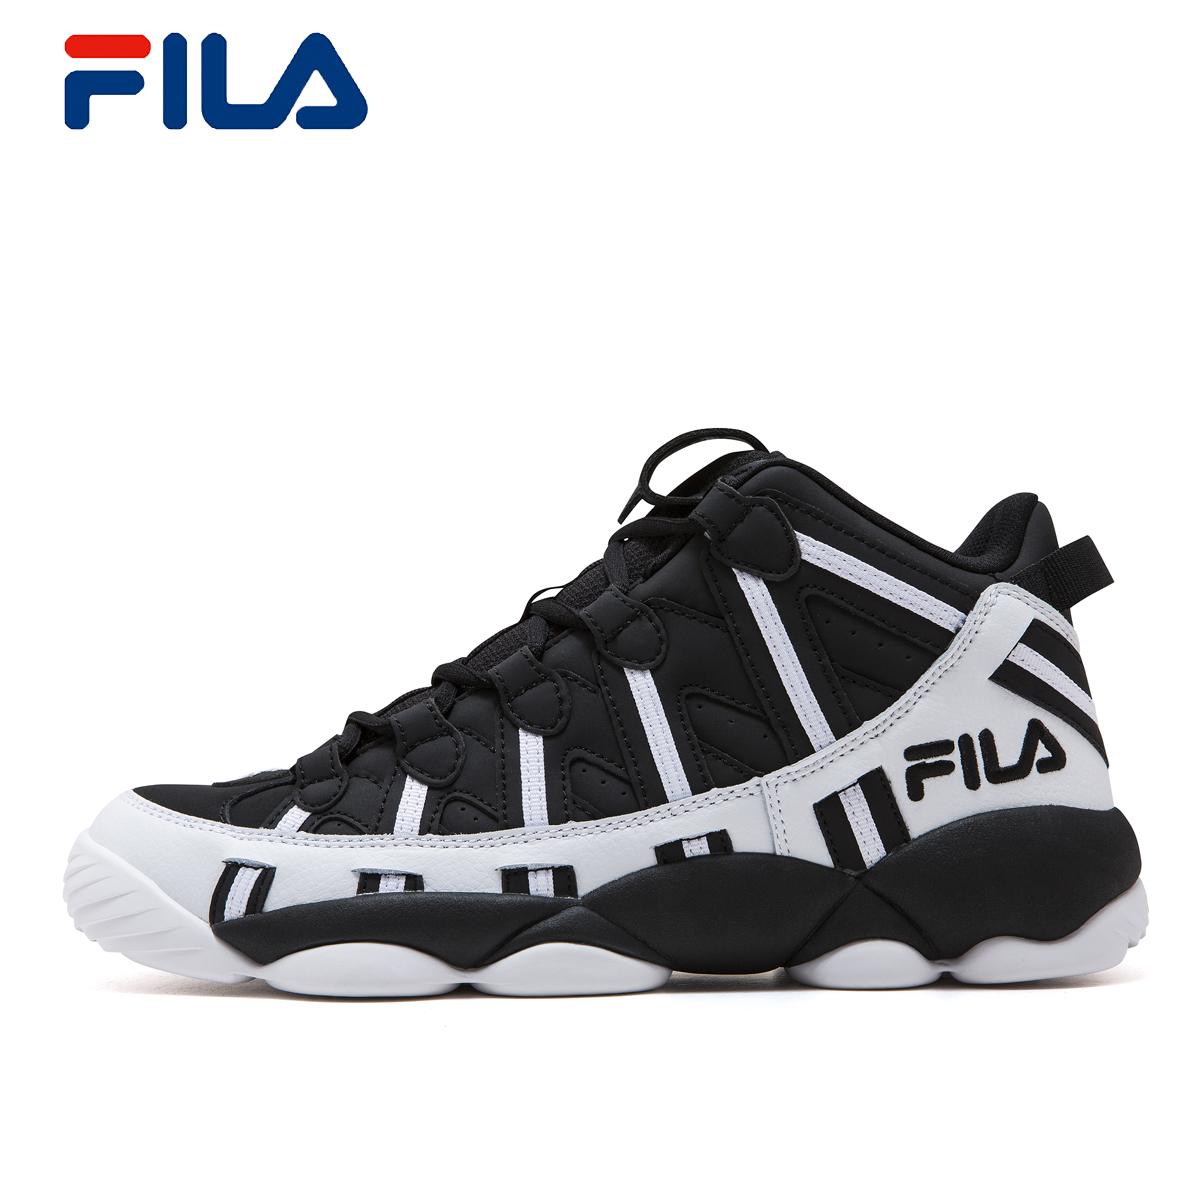 a03353aa93e6 FILA Fila BB shoes men s Shoes star basketball shoes tide shoes casual  sports shoes basketball shoes men 21725305E